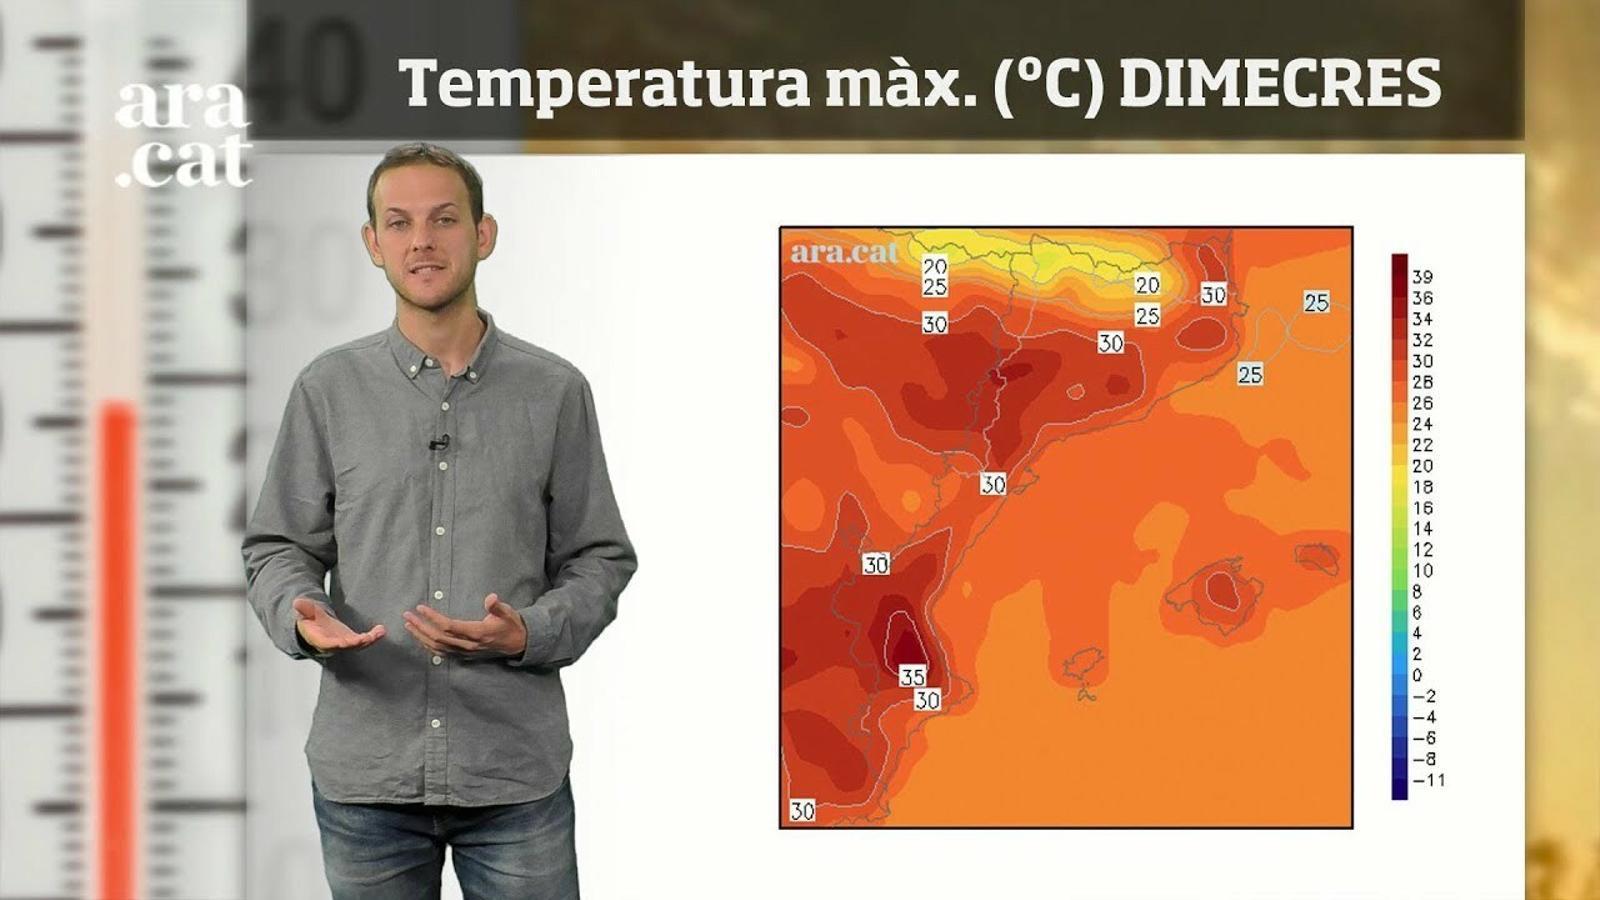 La méteo en 1 minut: ambient fresc de matinada i amb més calor a migdia